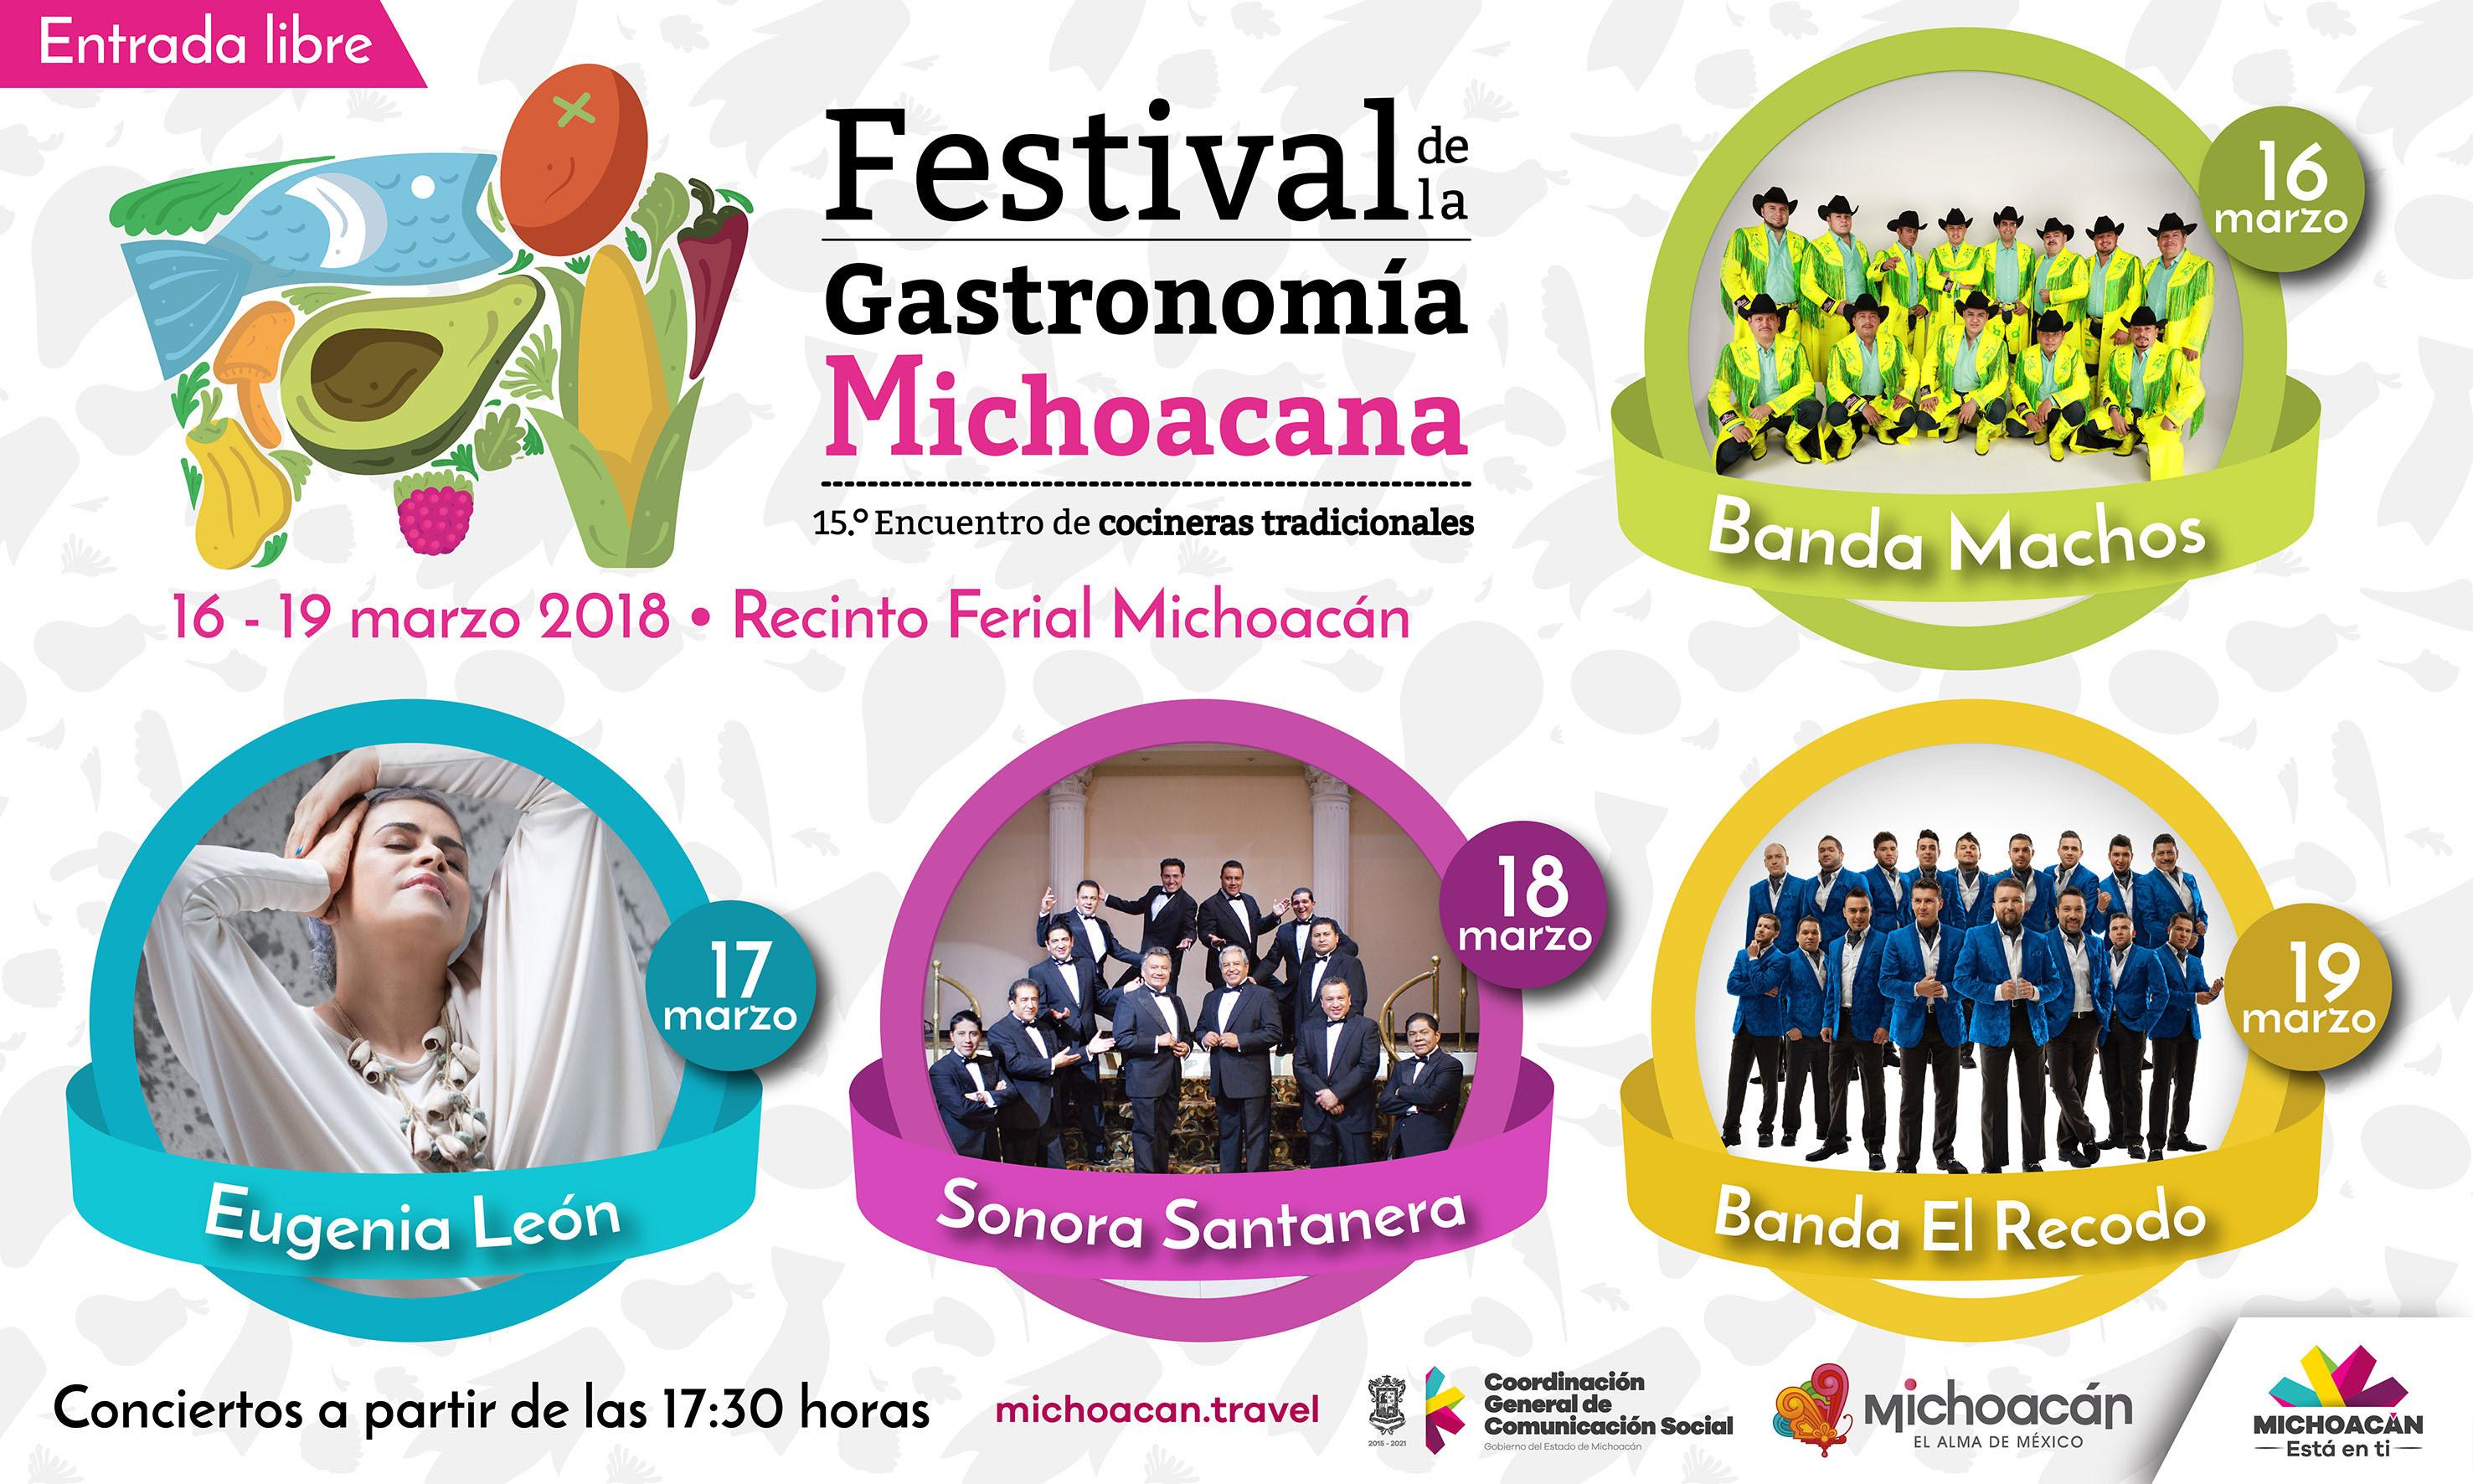 Conciertos gratuitos en el Festival de la Gastronomía Michoacana